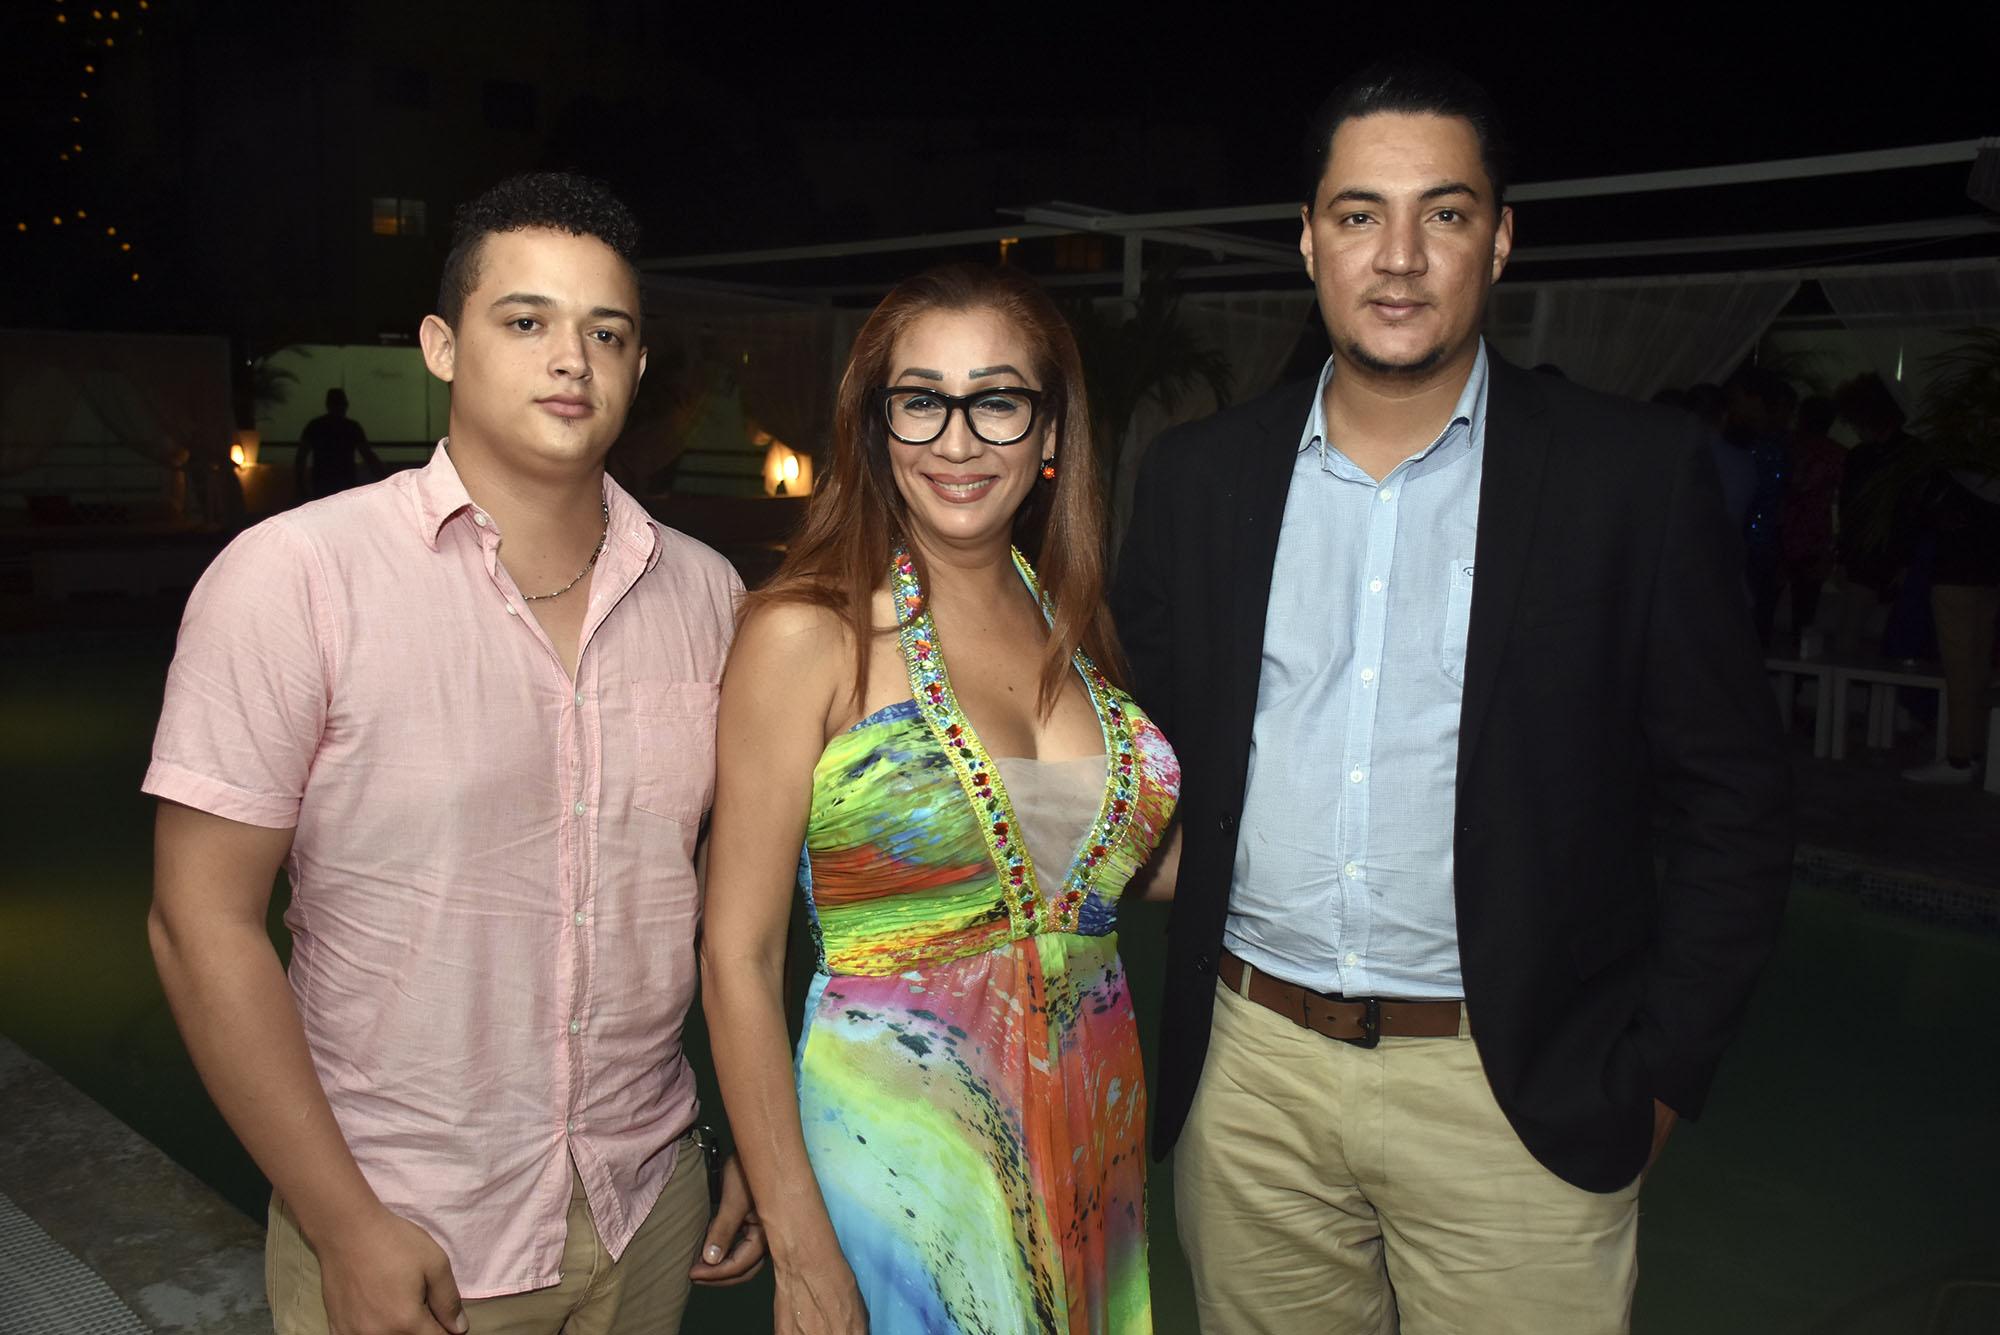 Ezequiel Reyes, Yanet Medina y Richard Encarnacion